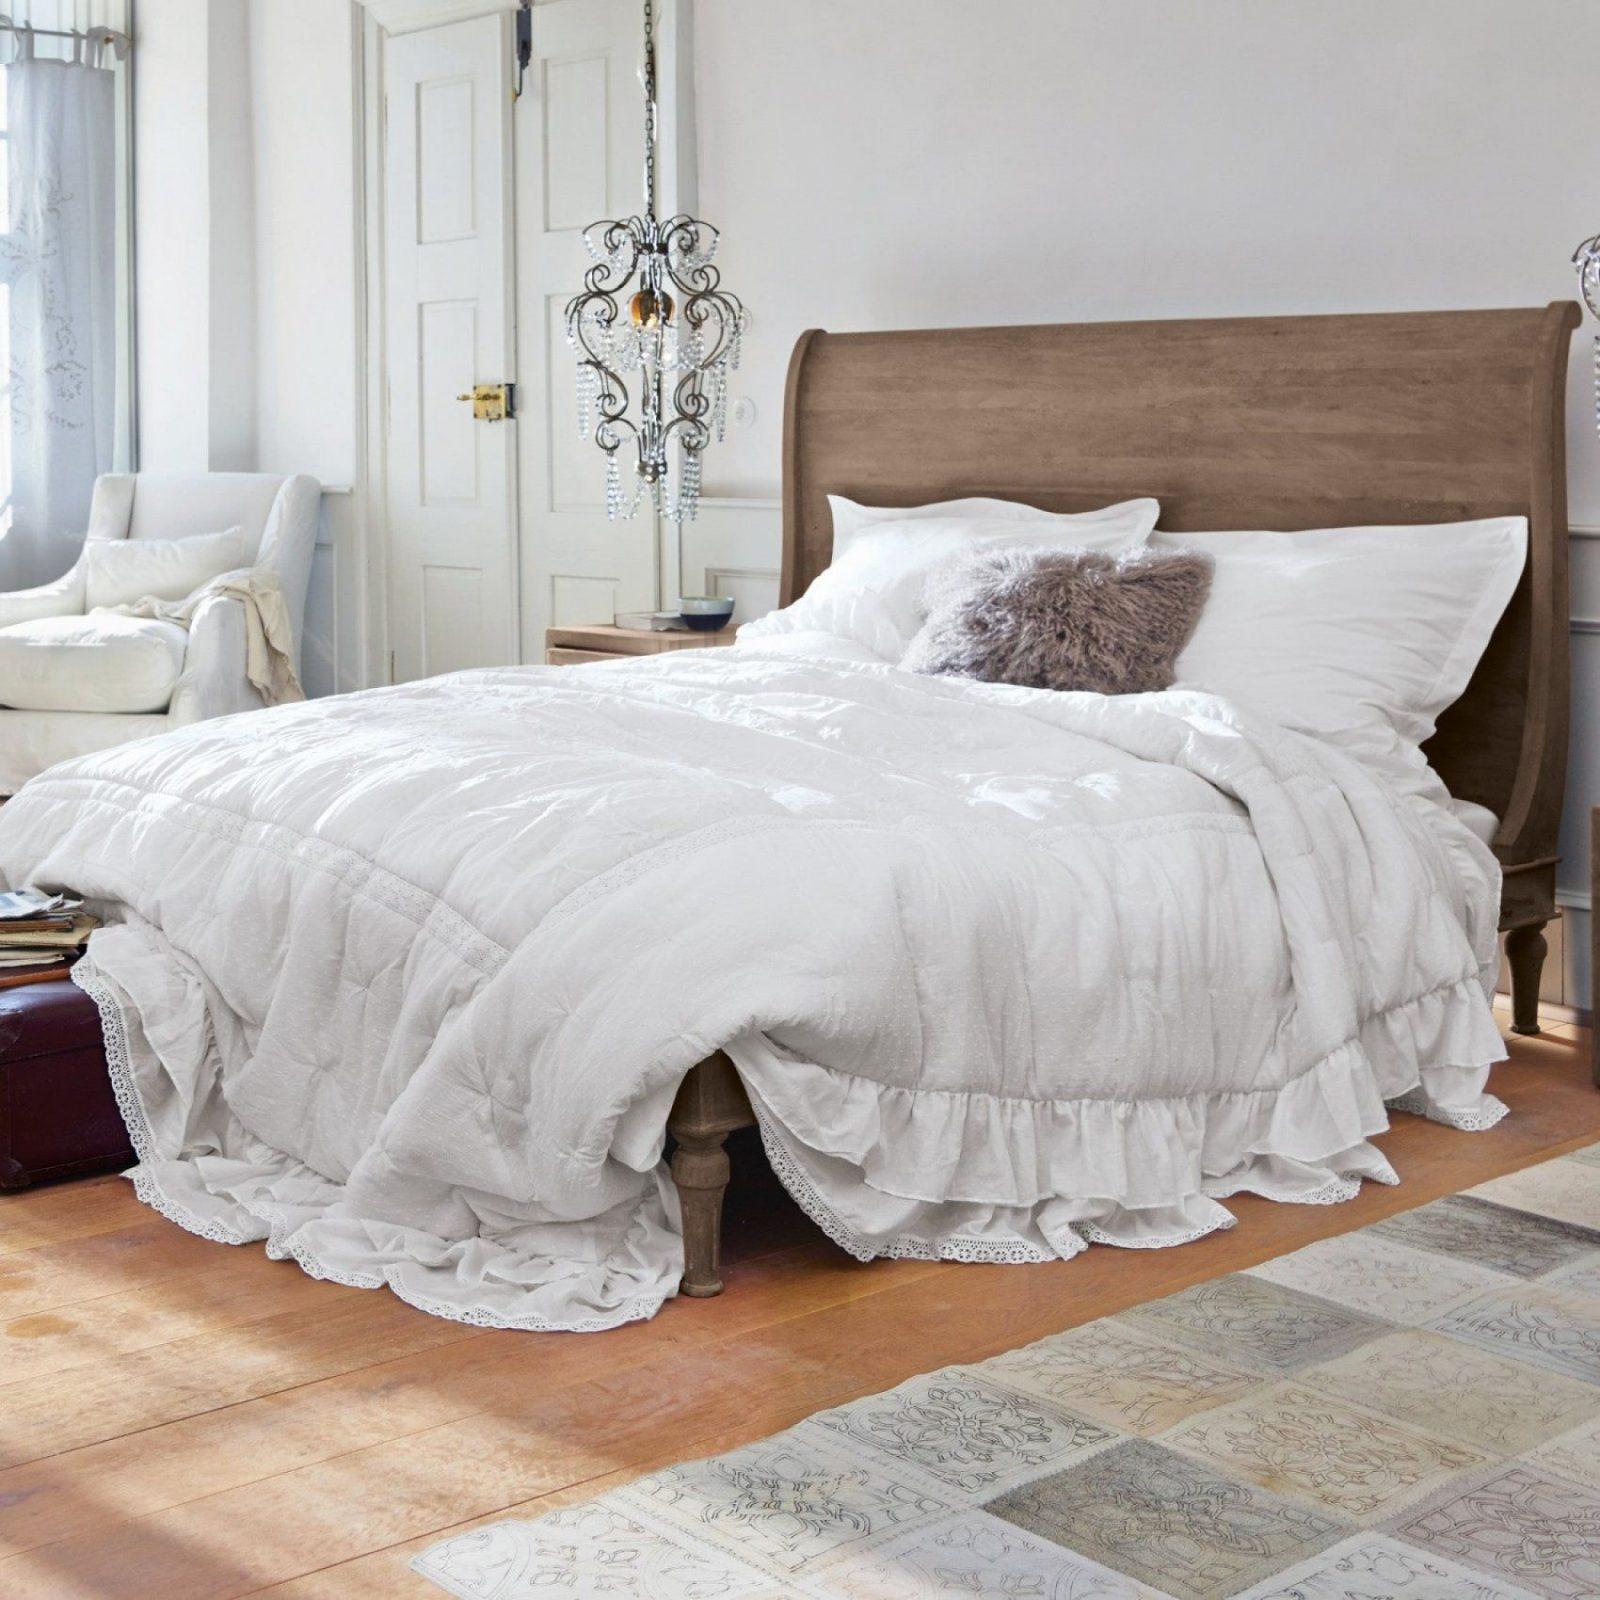 Romantische Bettwäsche Im Landhausstil  Conferentieproeftuinen von Bettwäsche Im Landhausstil Bild